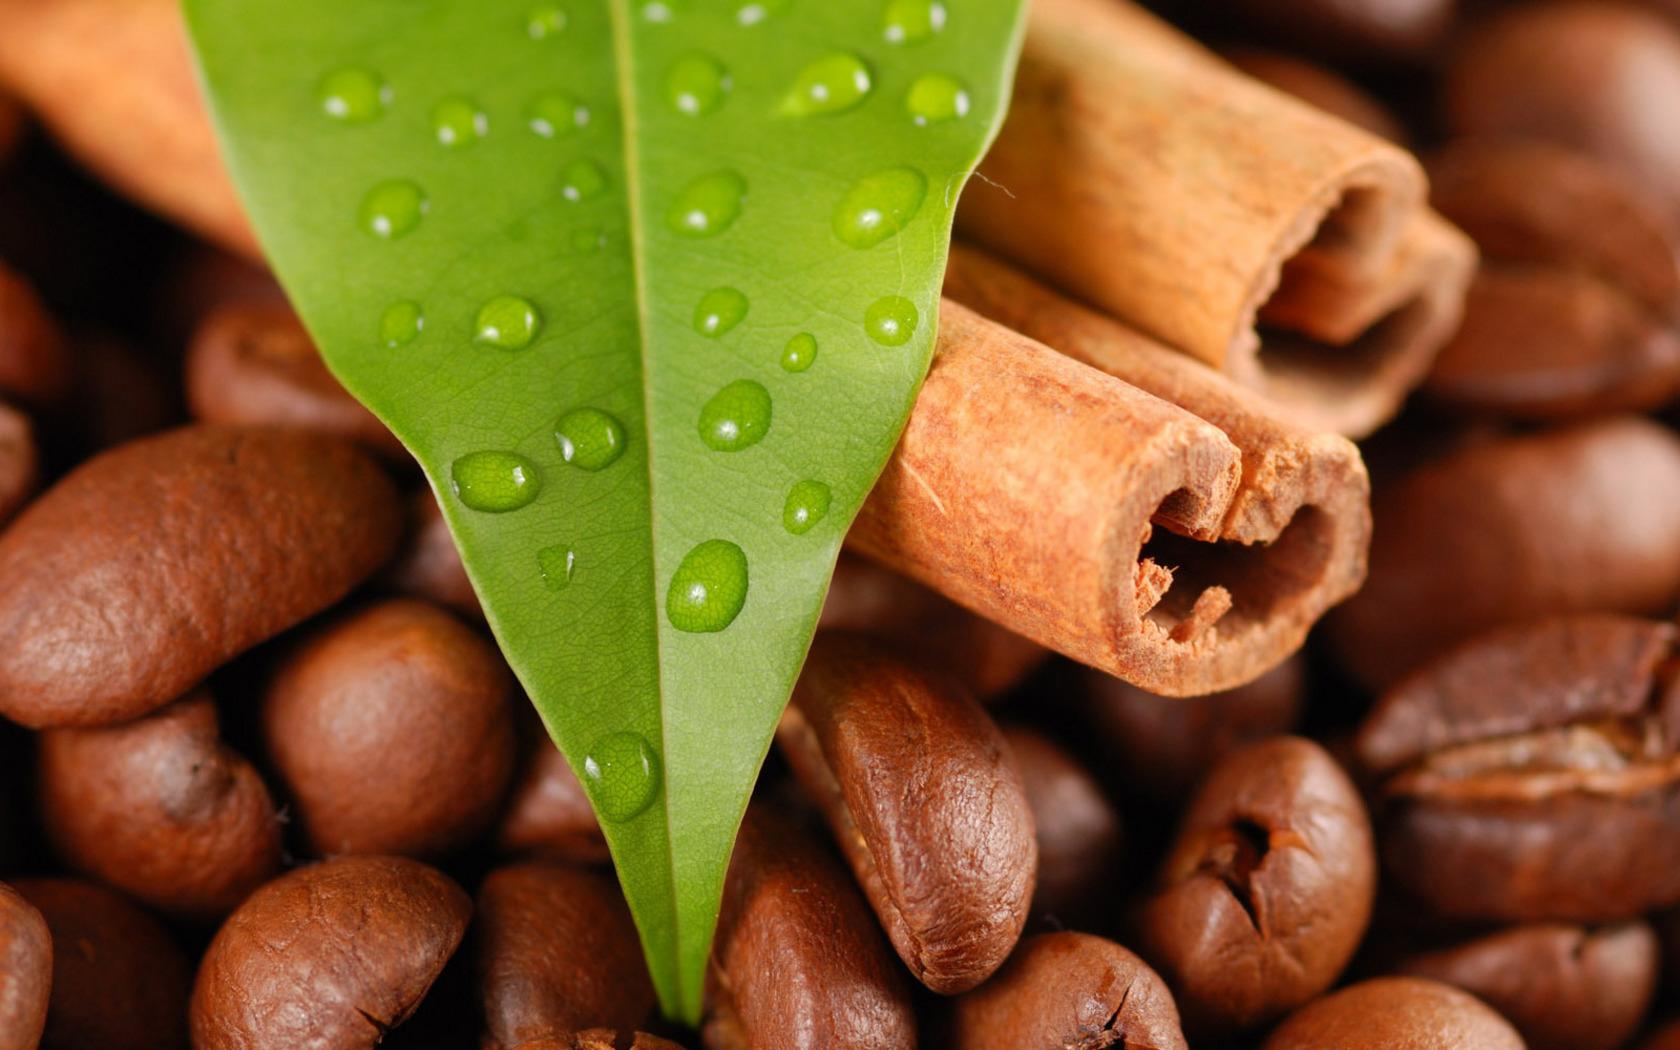 тобой картинка кофе зерна для рабочего стола картинка винкс ваш